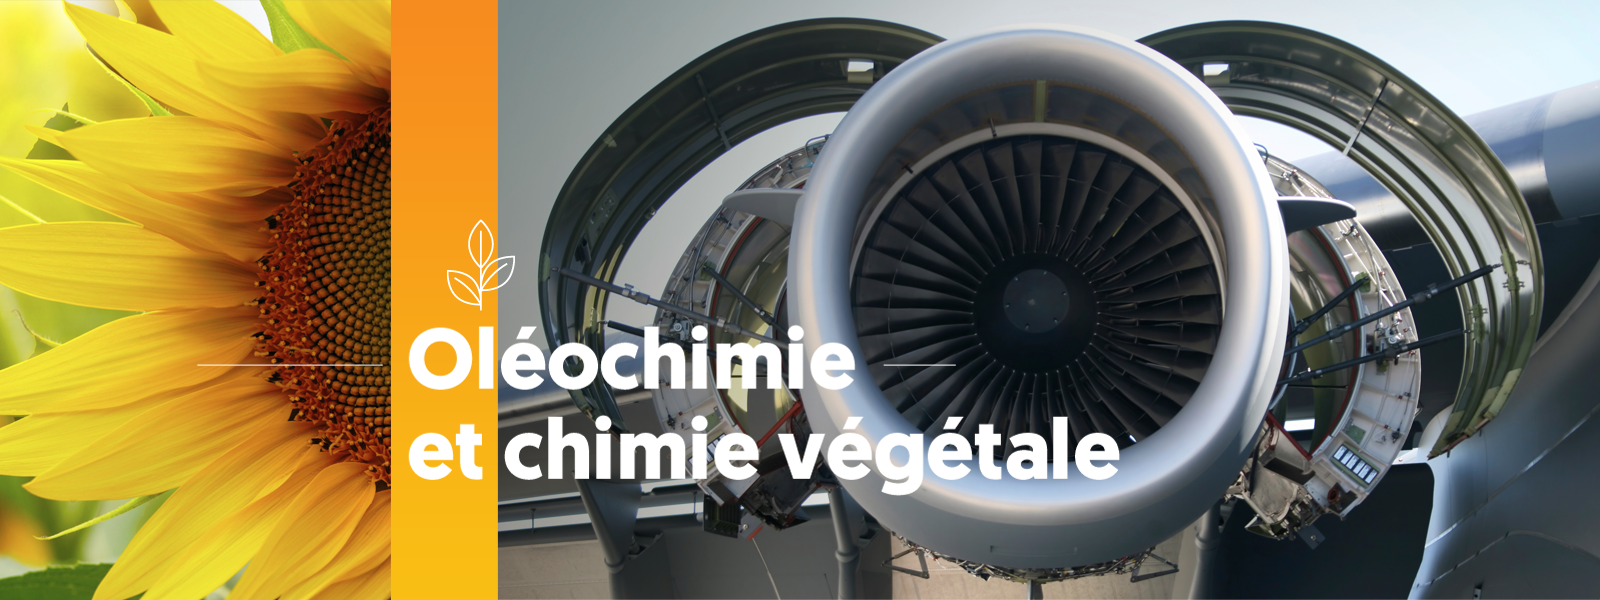 Oléochimie & chimie végétale